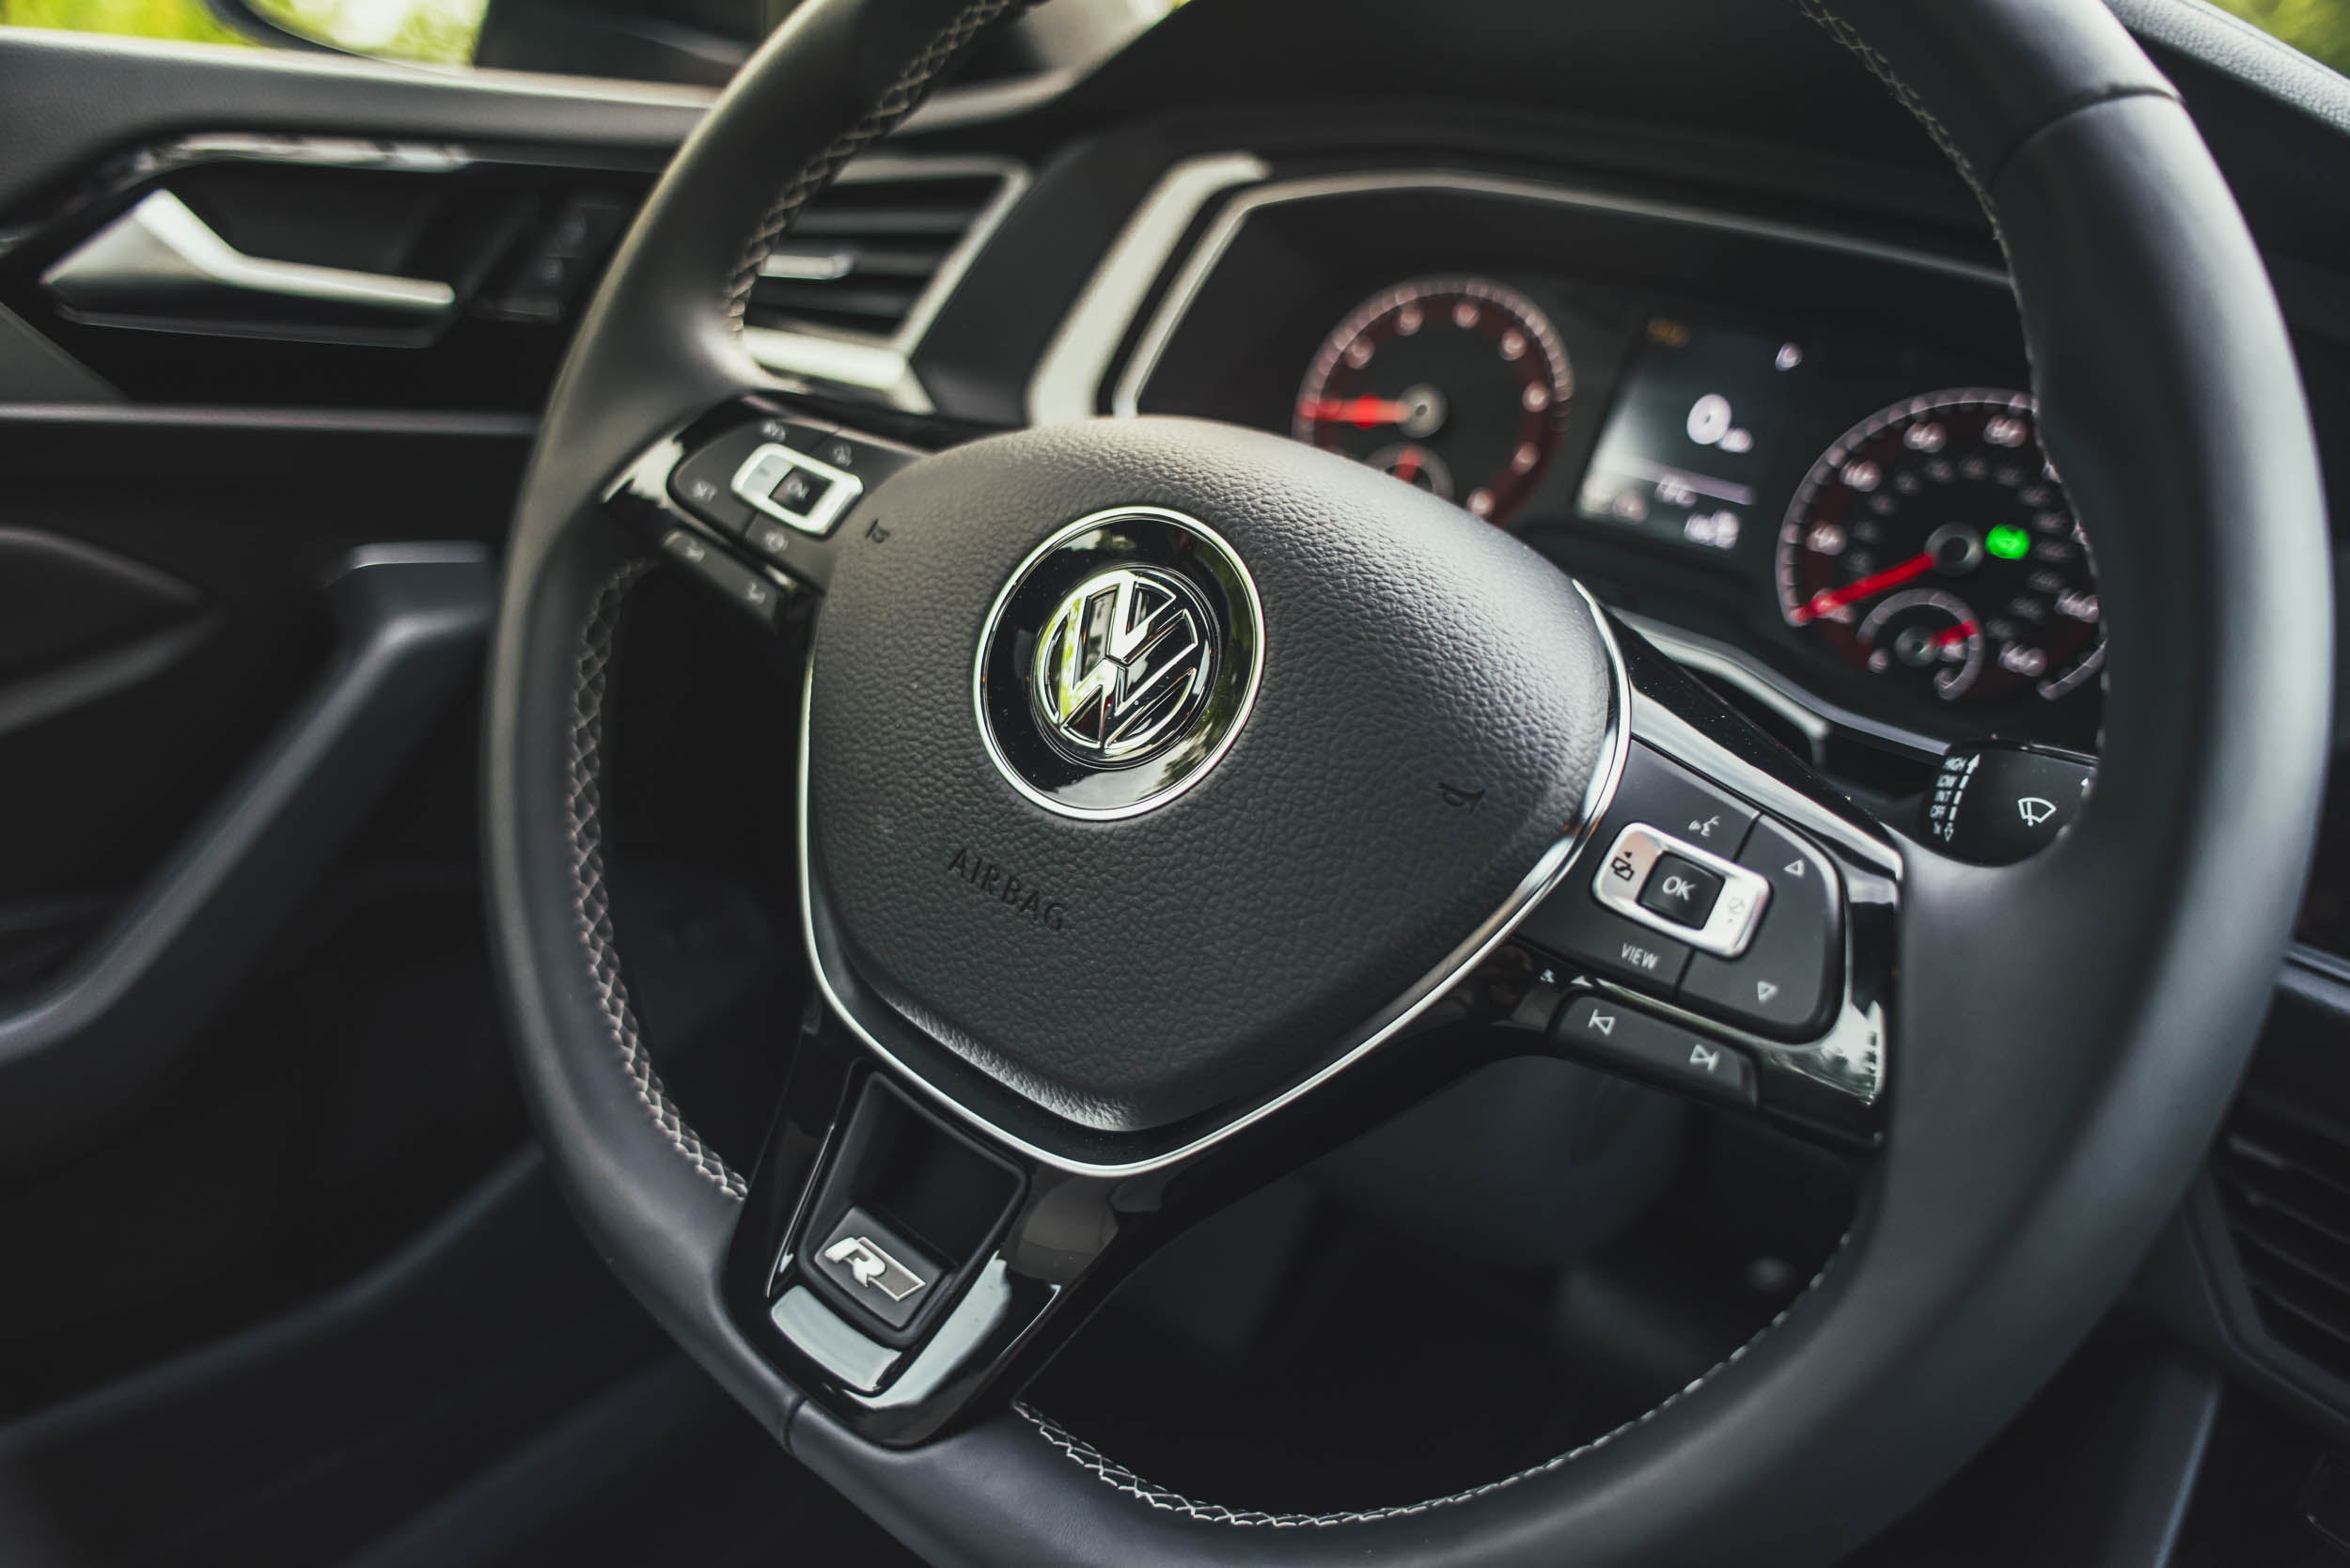 volkswagen jetta r-line steering wheel